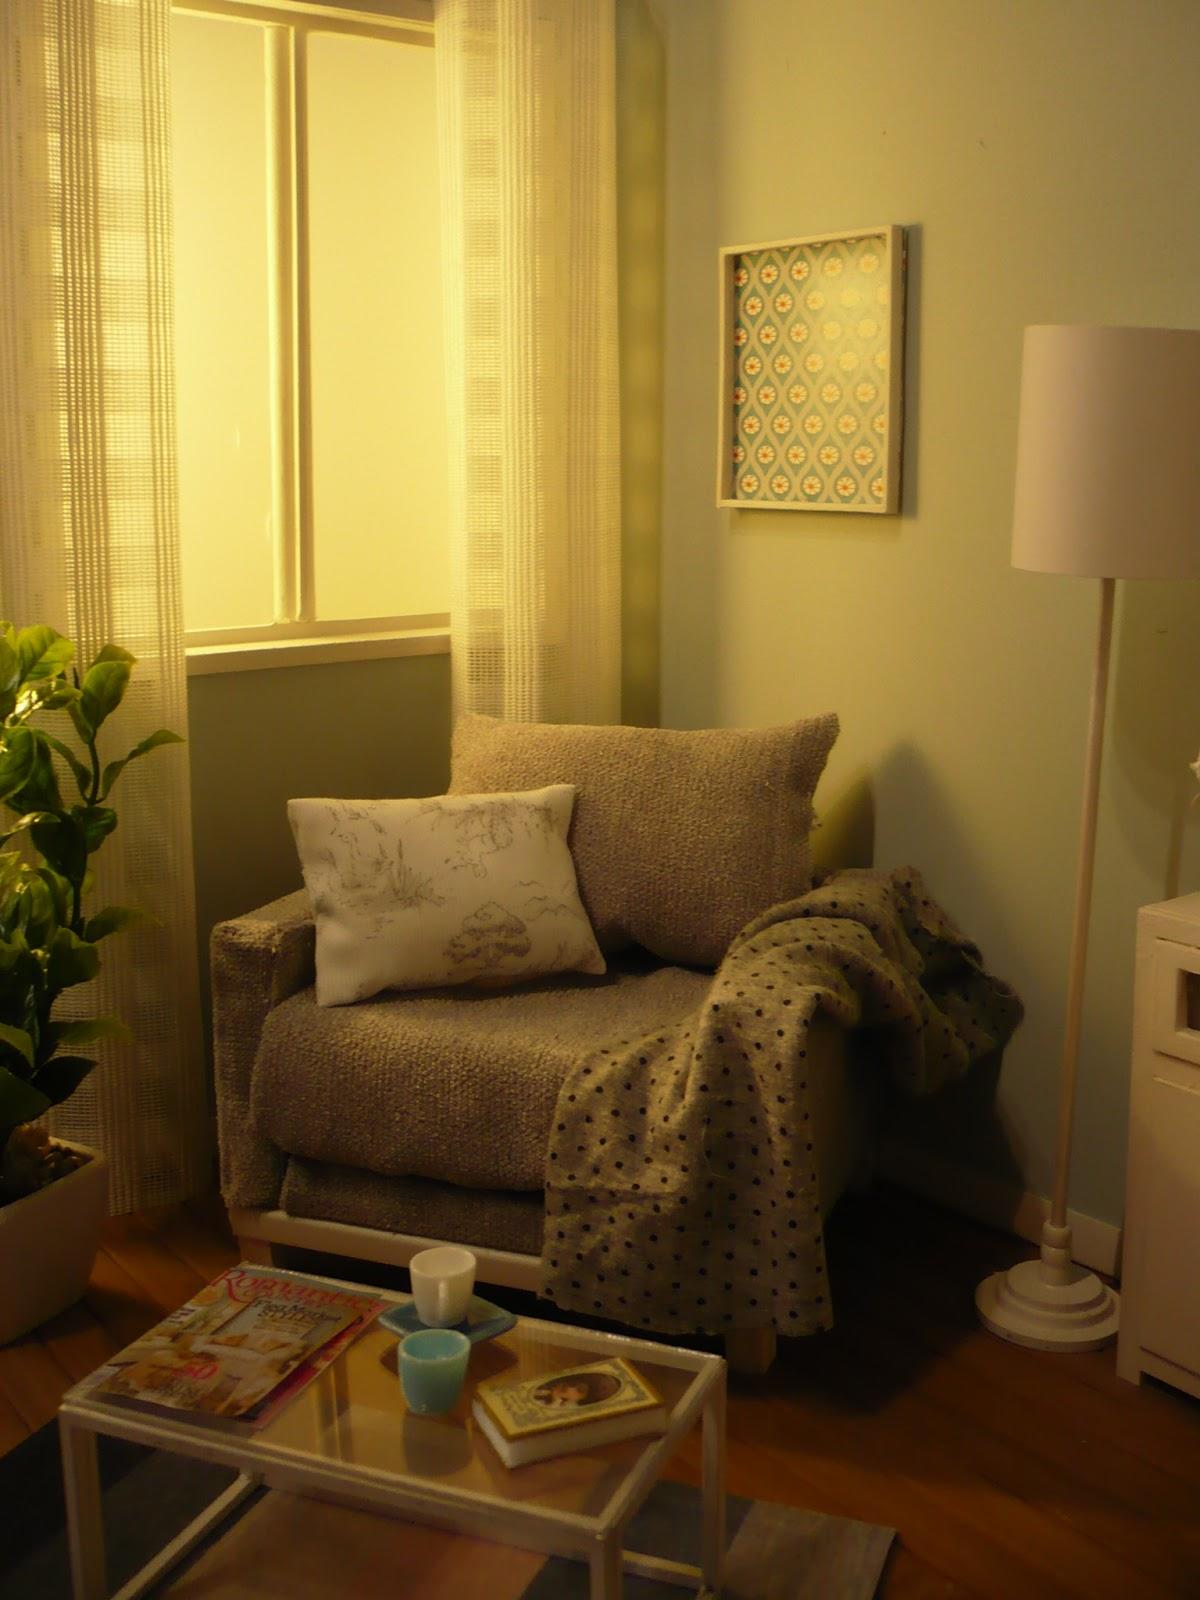 Muebles y complementos en escala 1 6 for Muebles y complementos